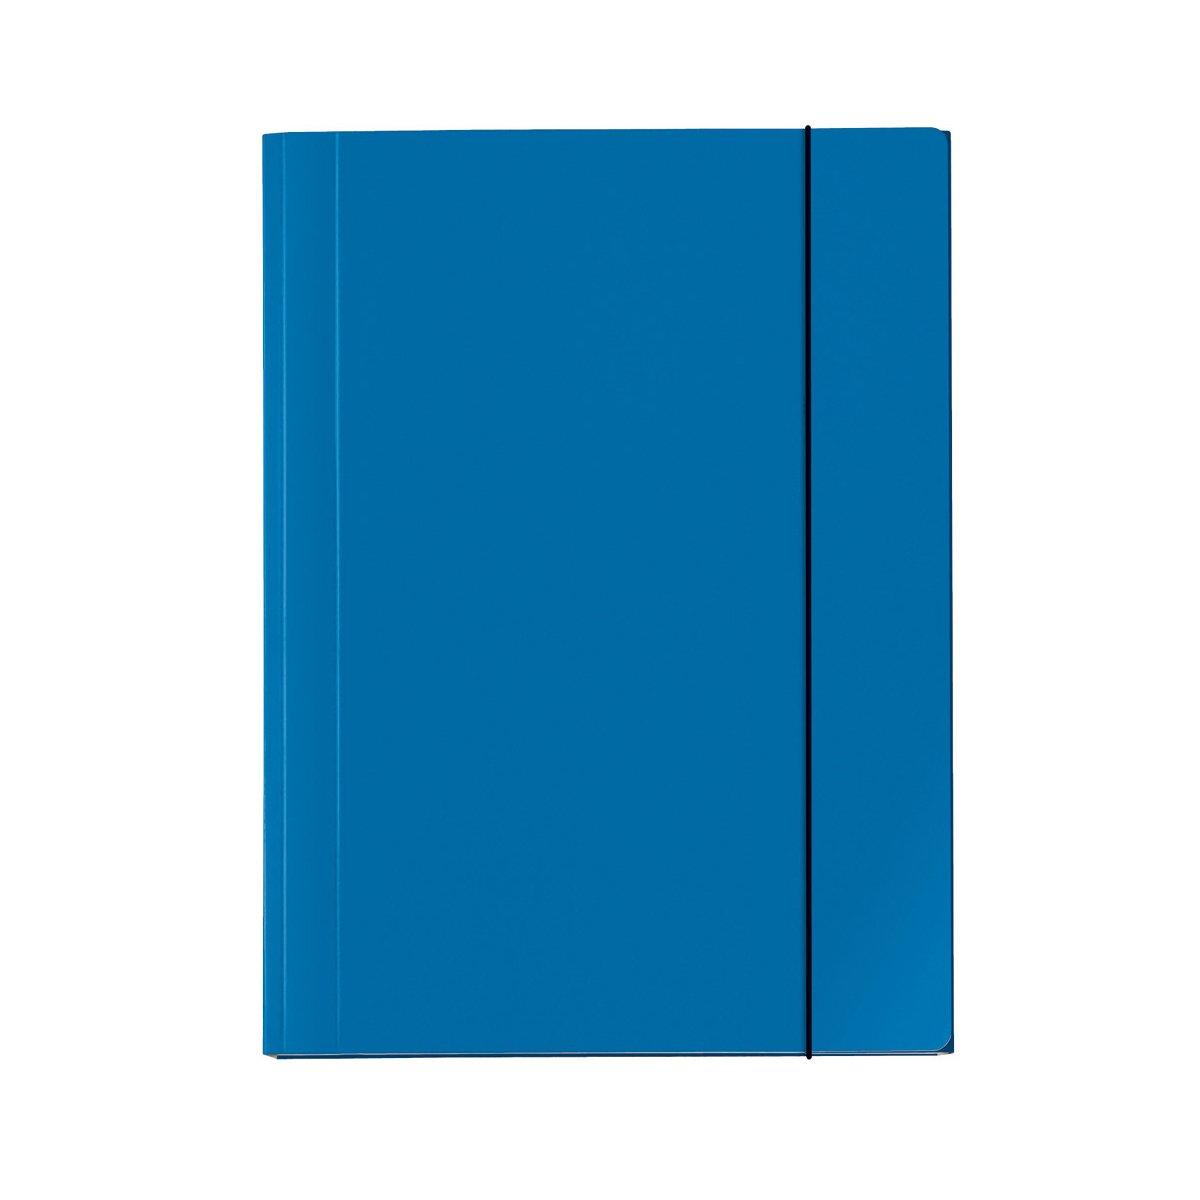 Veloflex 4432351 Velocolor - Cartella portadocumenti, formato DIN A3, colore: Blu Iden Nürnberg GmbH